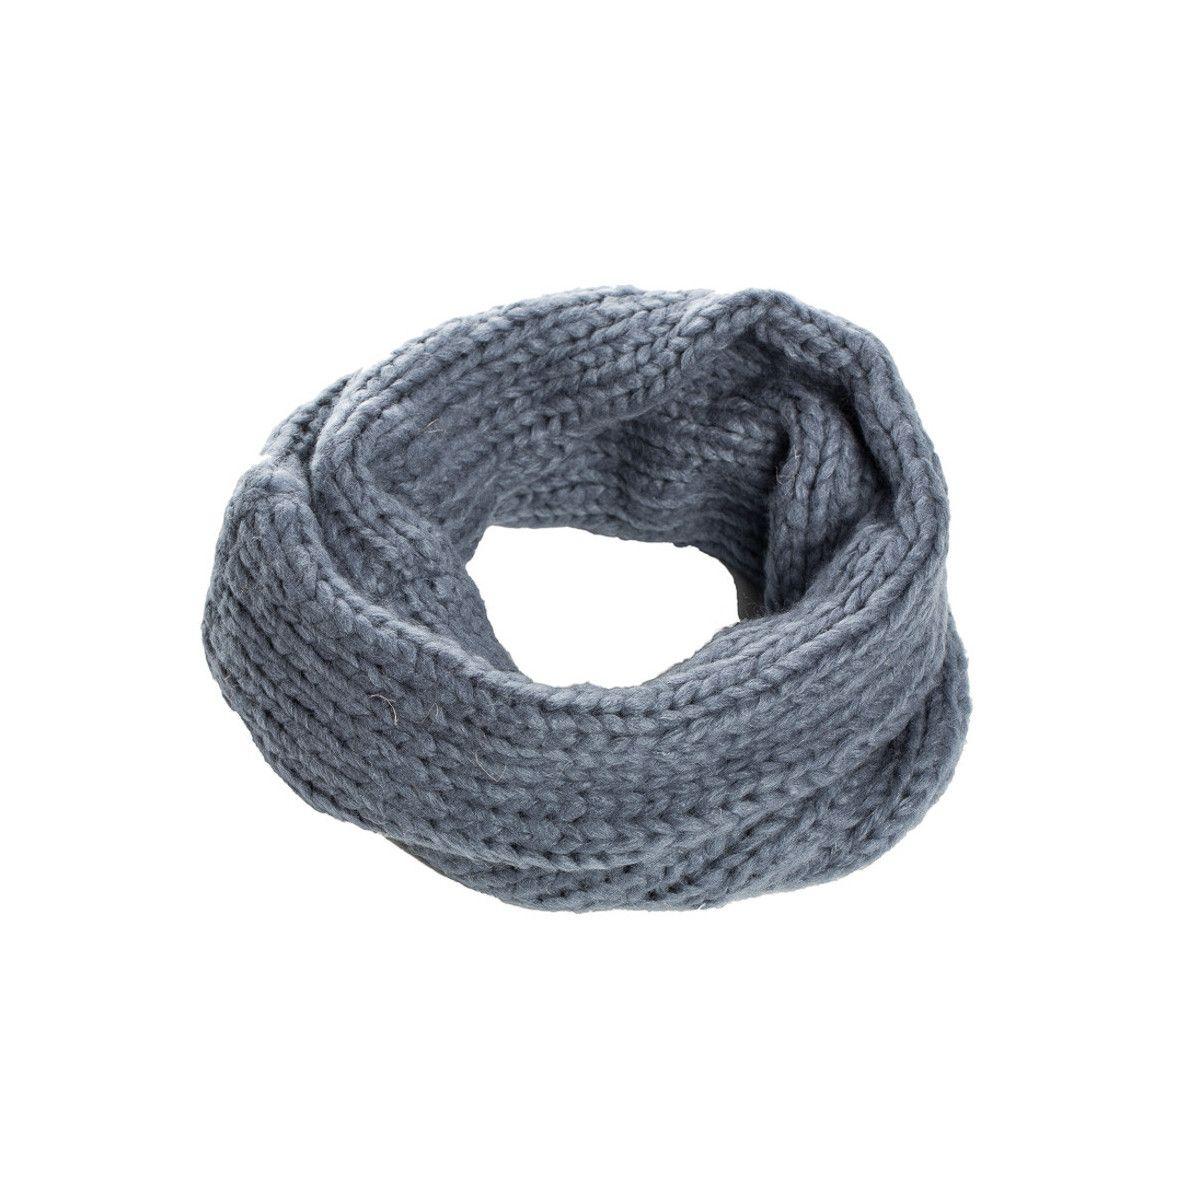 Snood laine douce enfant gris souris